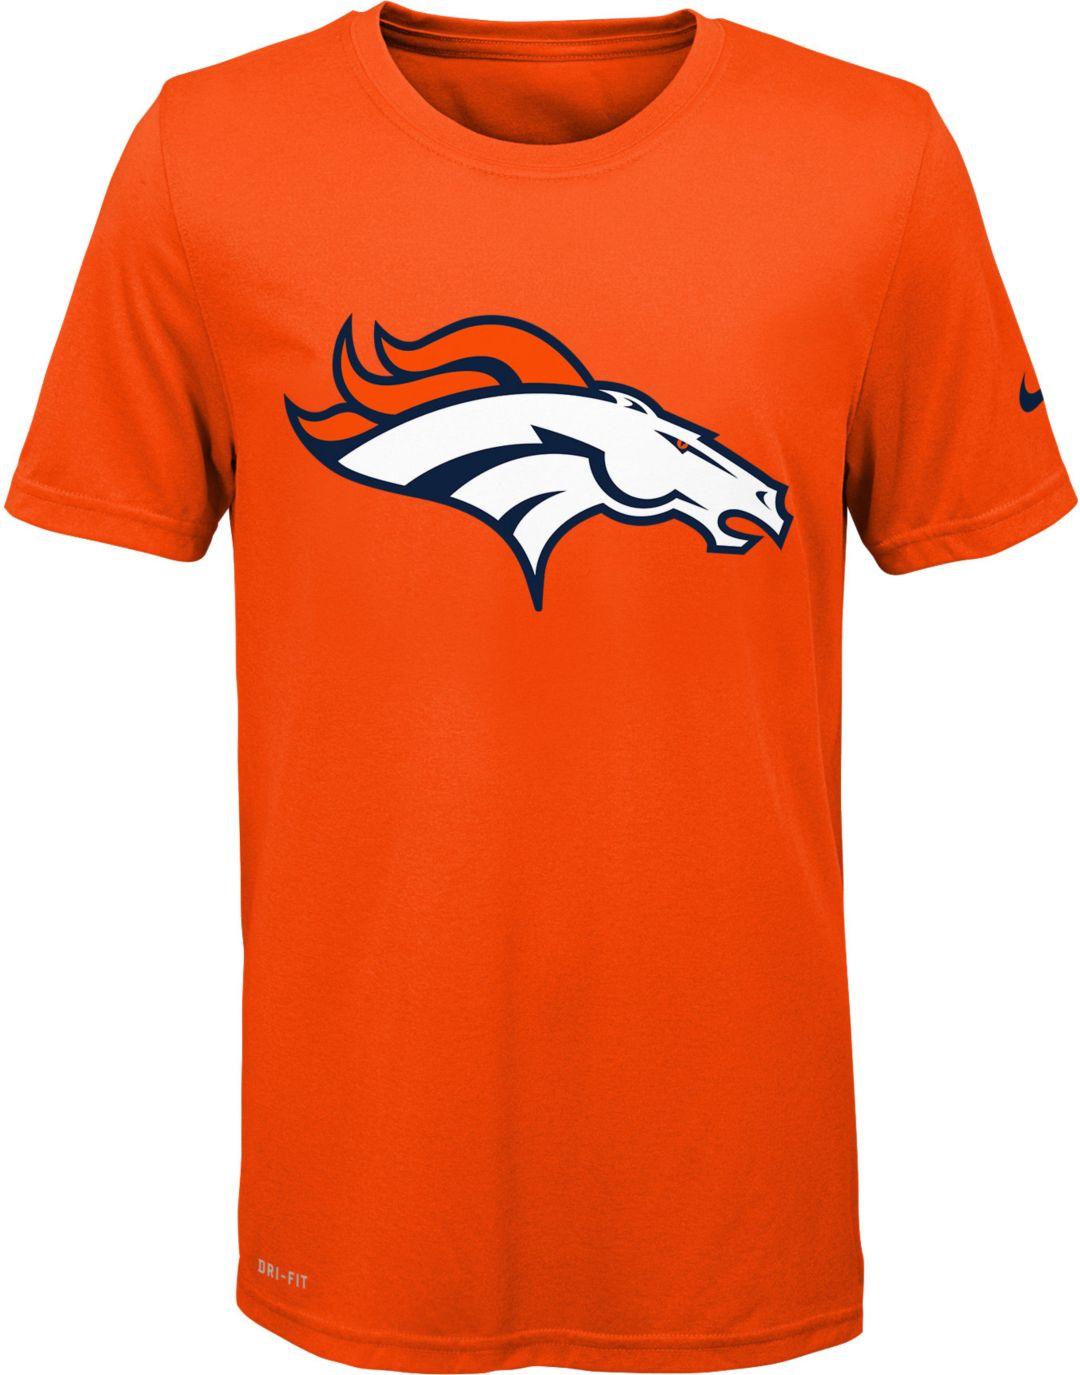 official photos 01485 773bd Nike Youth Denver Broncos Essential Logo Performance Orange T-Shirt